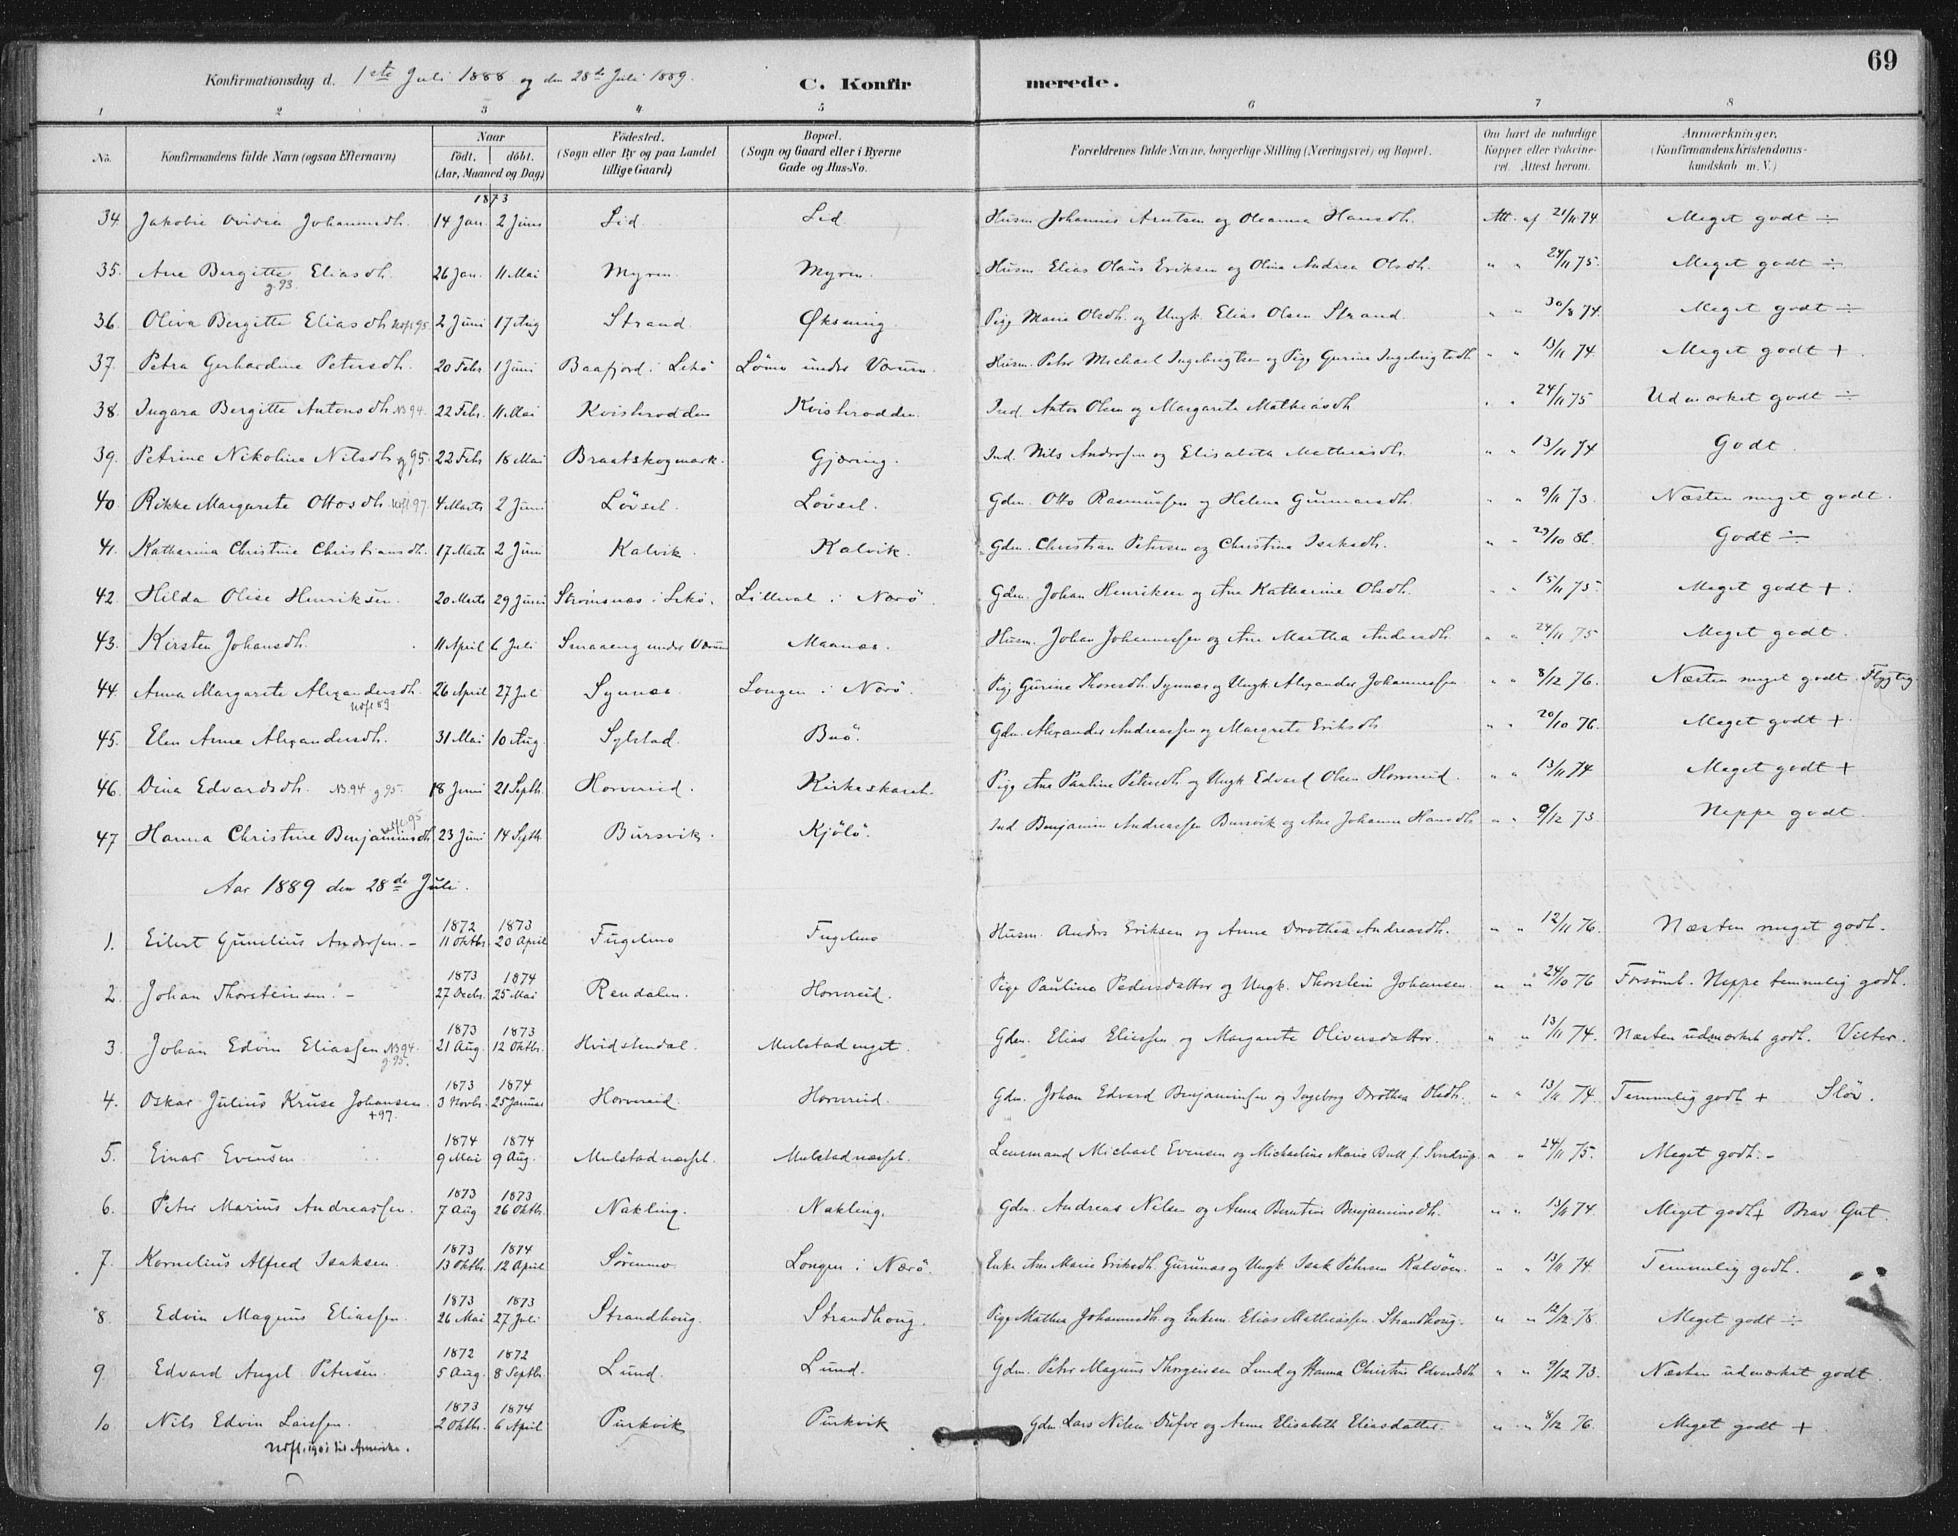 SAT, Ministerialprotokoller, klokkerbøker og fødselsregistre - Nord-Trøndelag, 780/L0644: Ministerialbok nr. 780A08, 1886-1903, s. 69